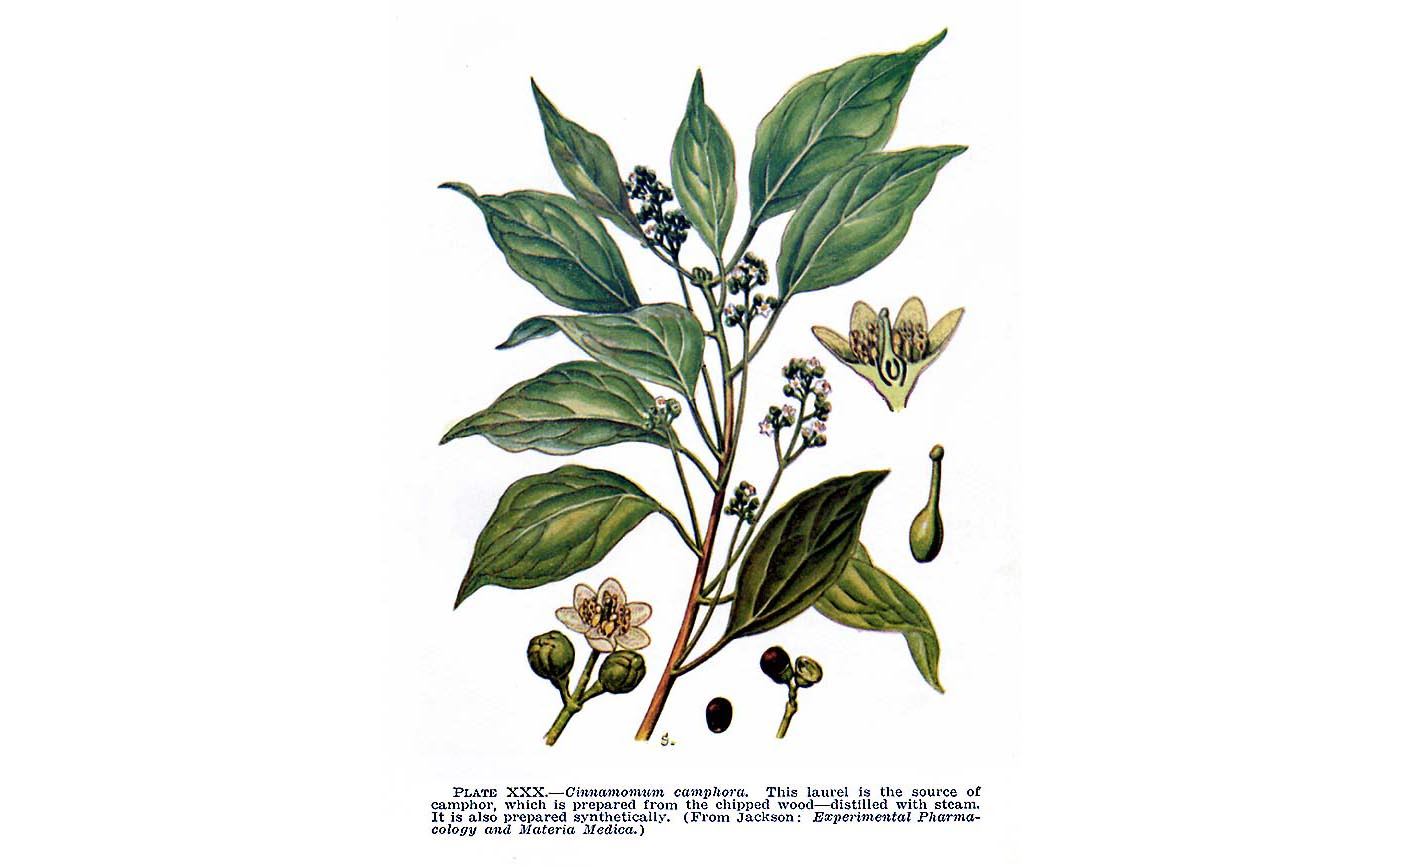 Aceite de ravintsara (Cinnamomum camphora)